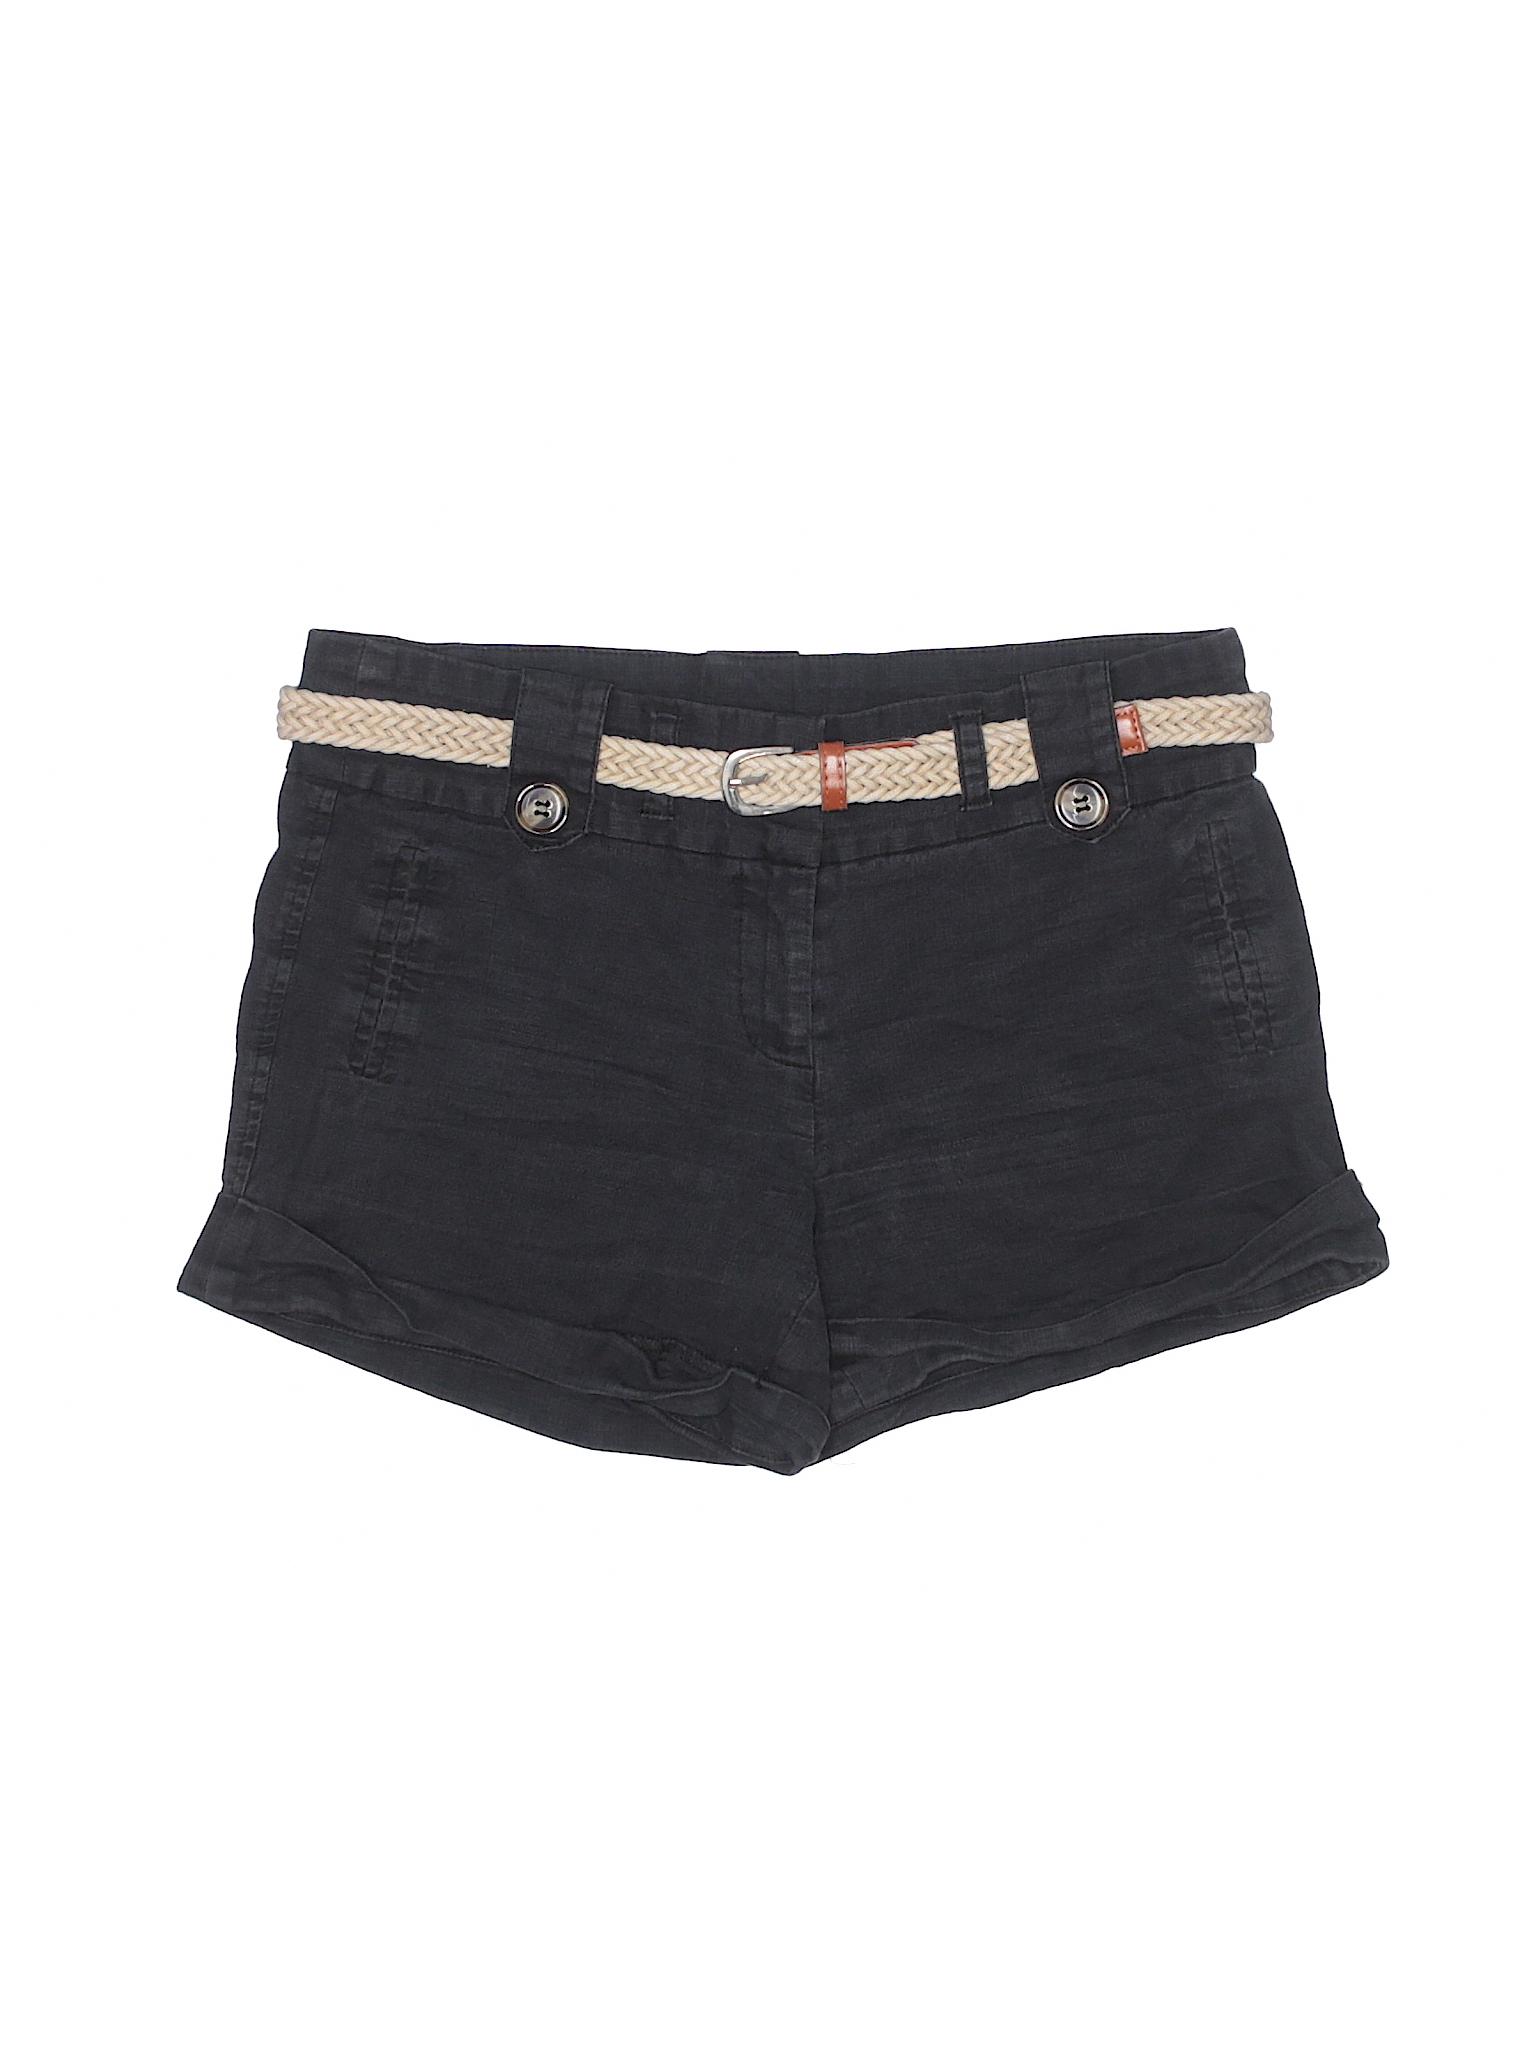 Khaki Boutique Shorts Boutique Ezra Ezra Boutique Khaki Ezra Khaki Shorts Shorts Boutique xHfxwCq8